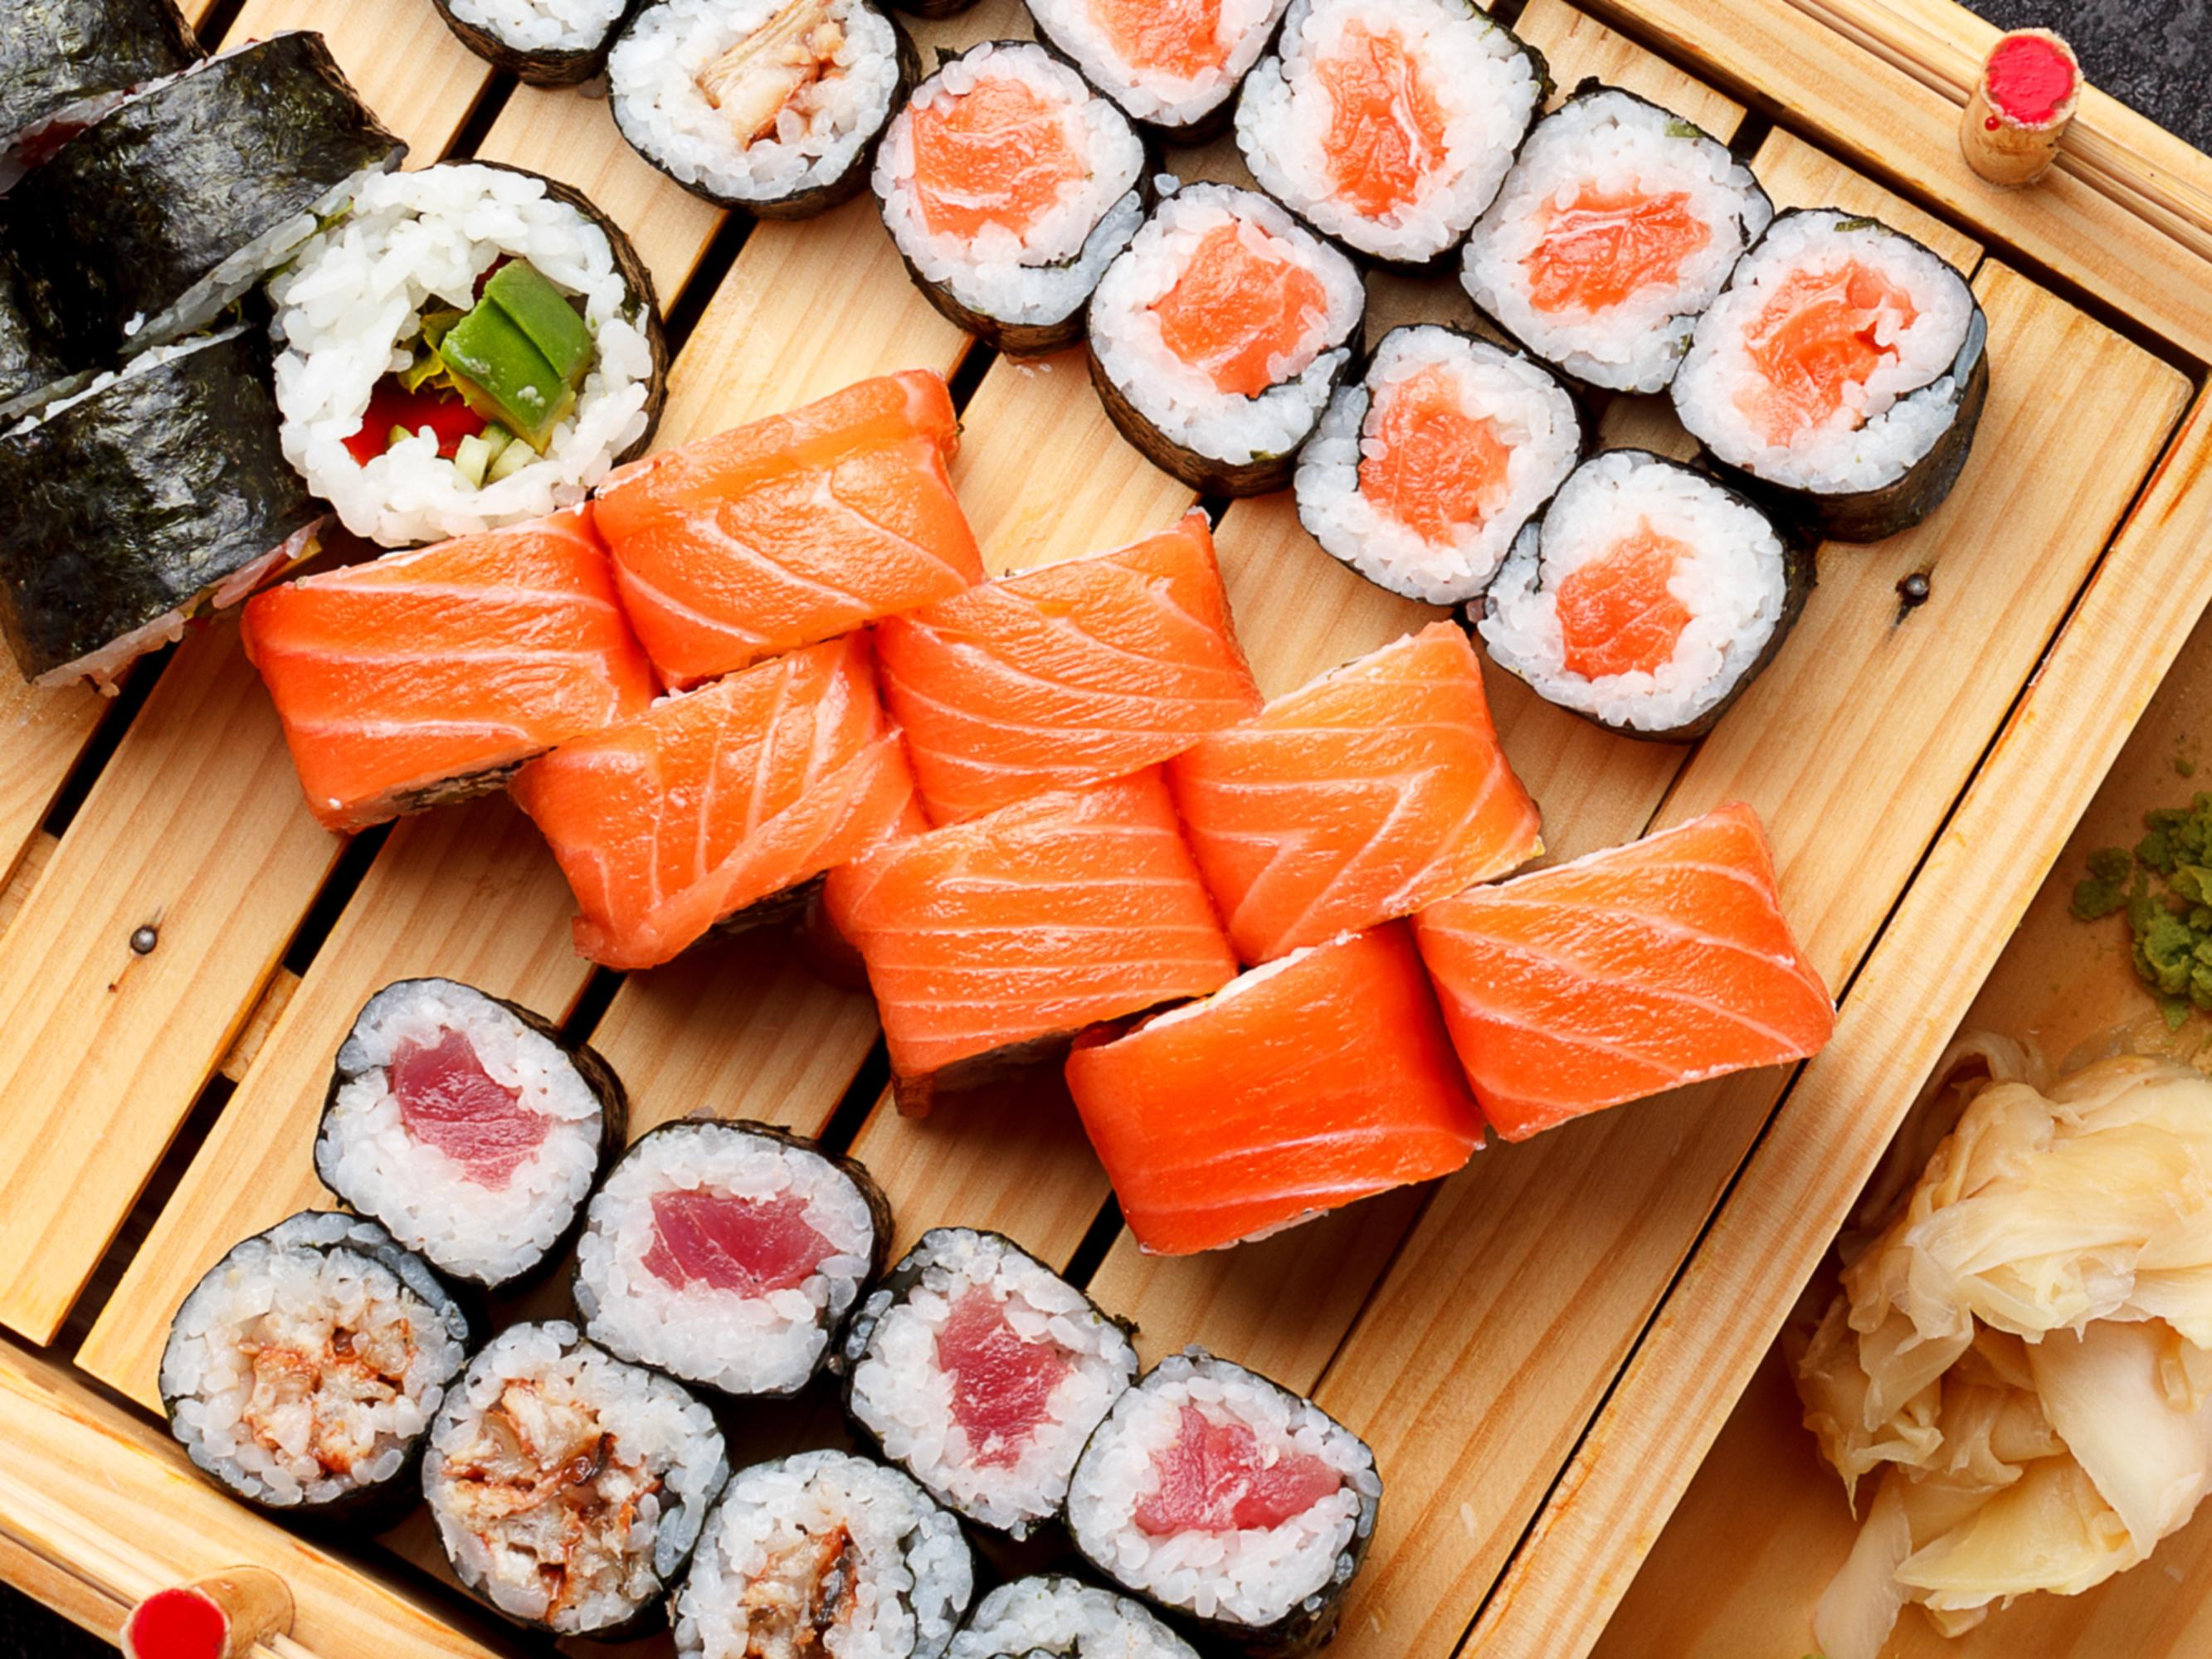 Resep Membuat Sushi Sederhana image